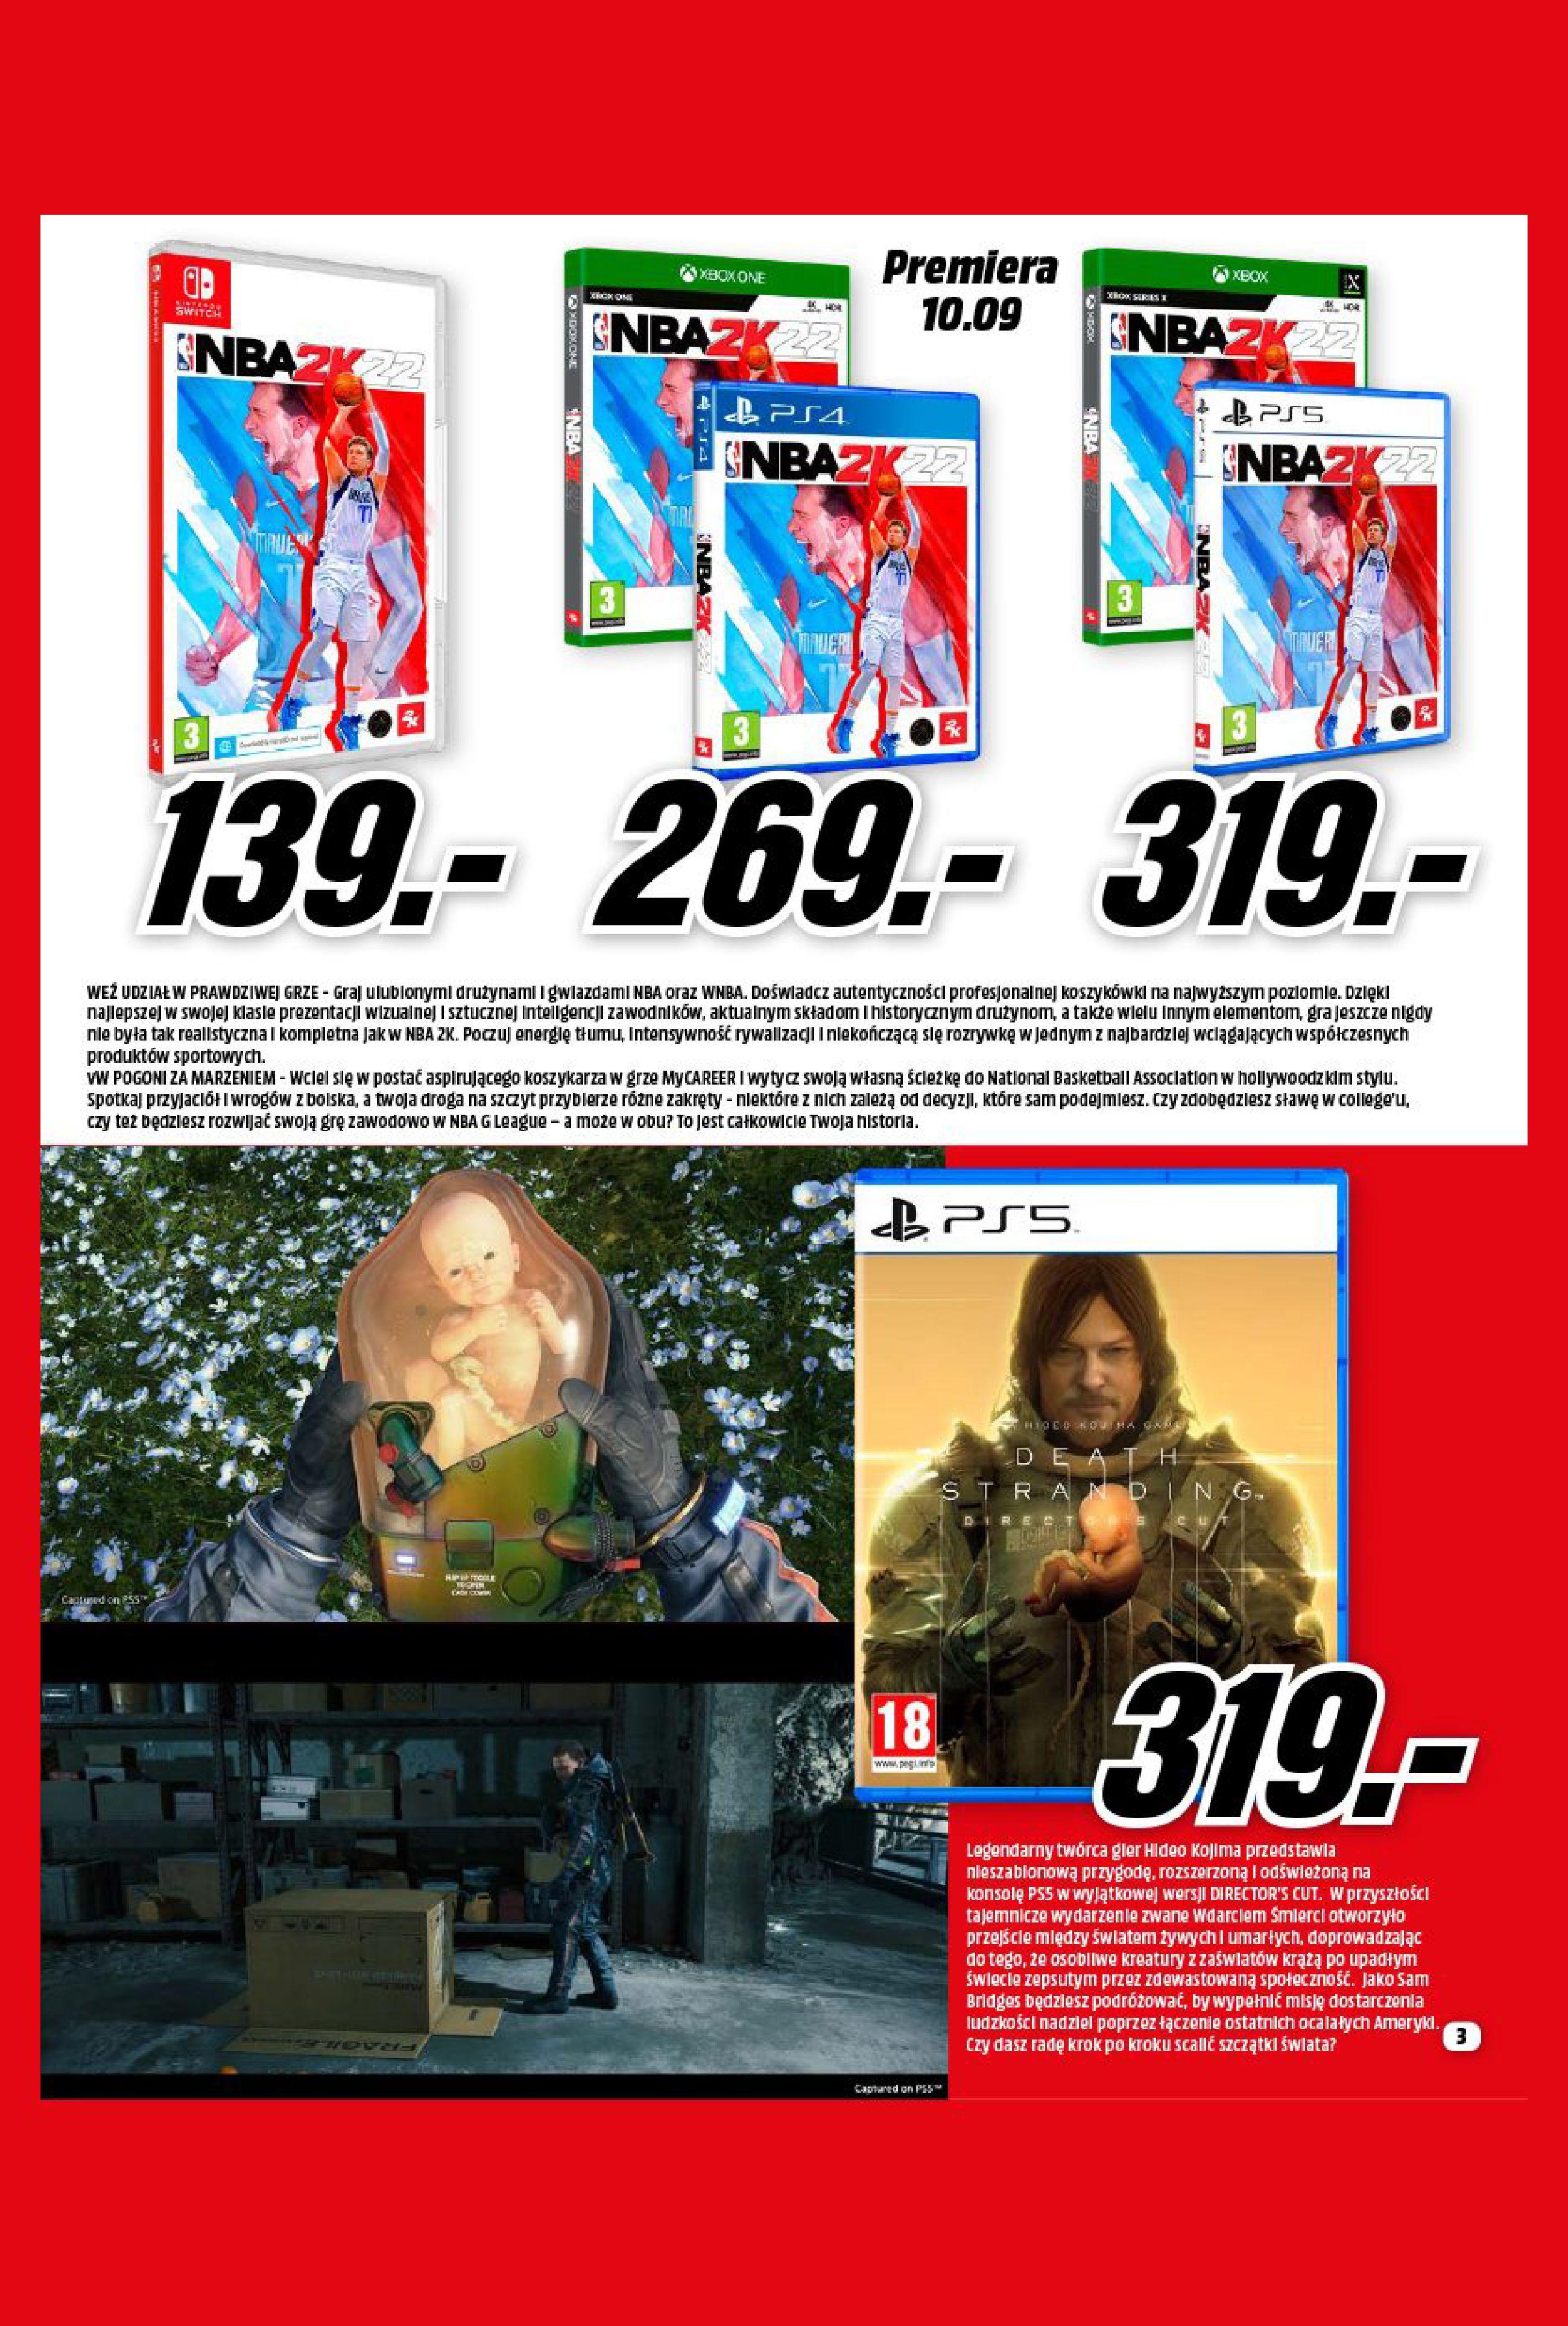 Gazetka Media Markt: Gazetka Media Markt - Wrzesień 2021 2021-09-09 page-3